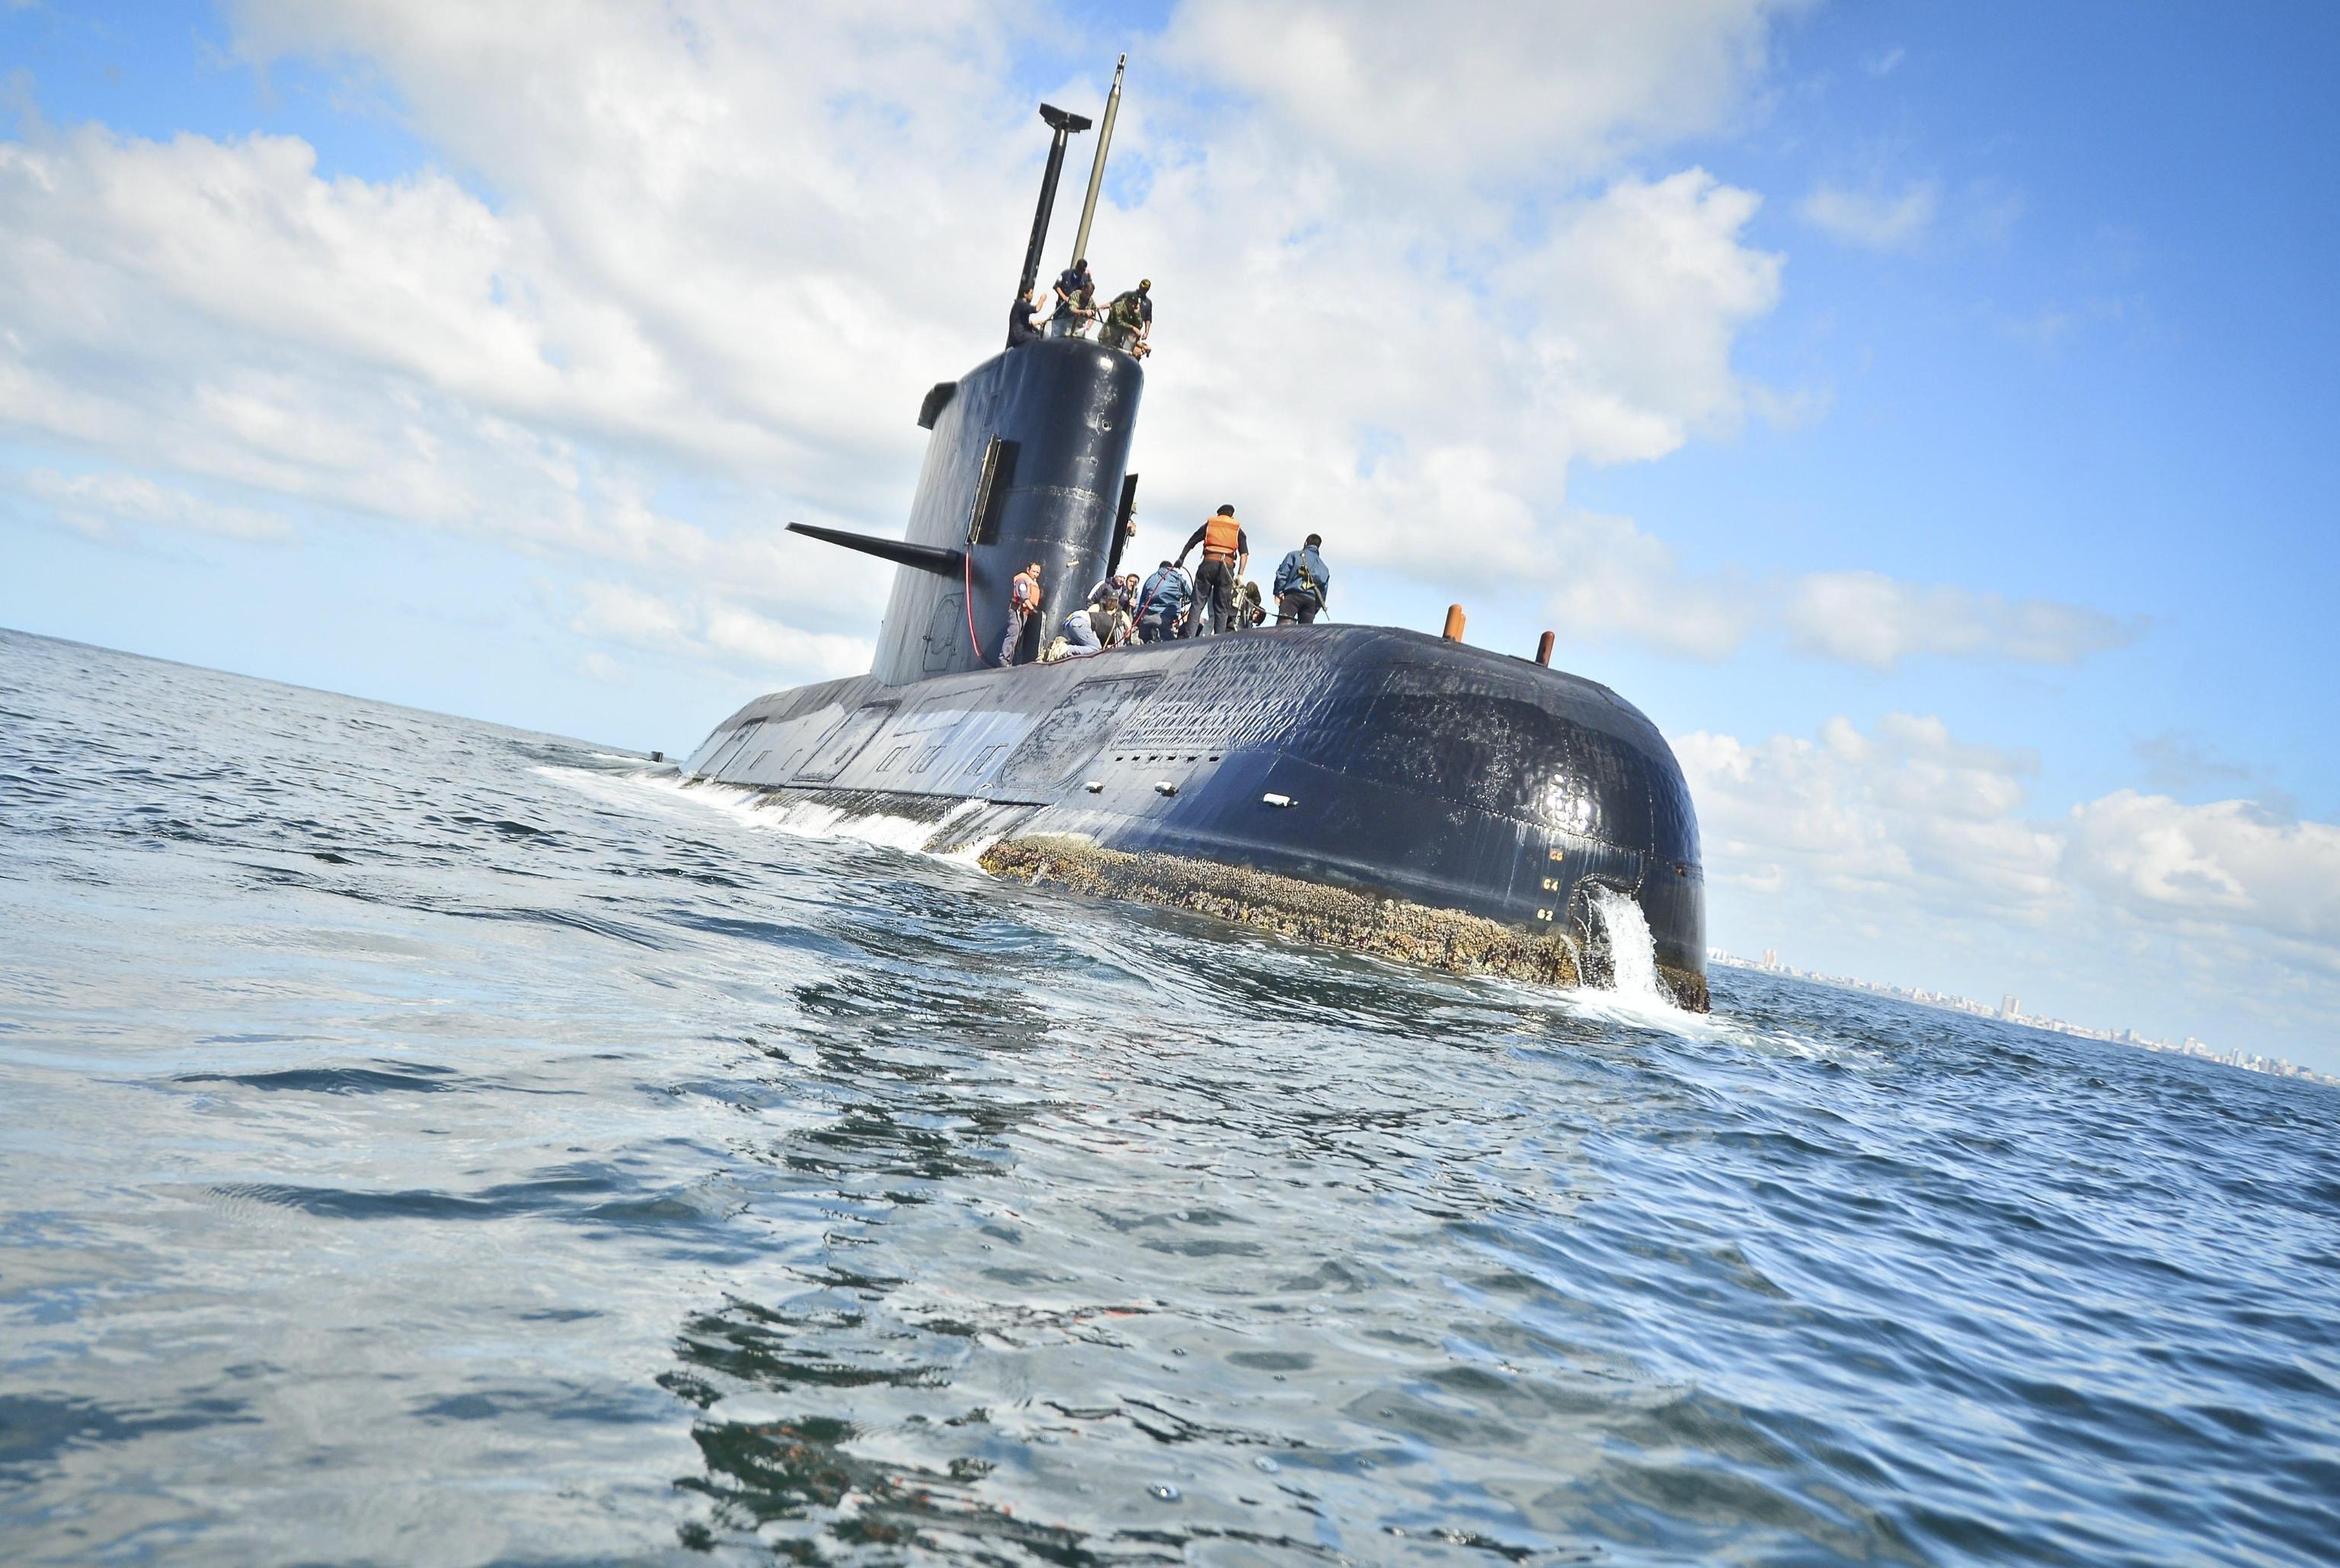 Sottomarino, c'é anche donna ufficiale